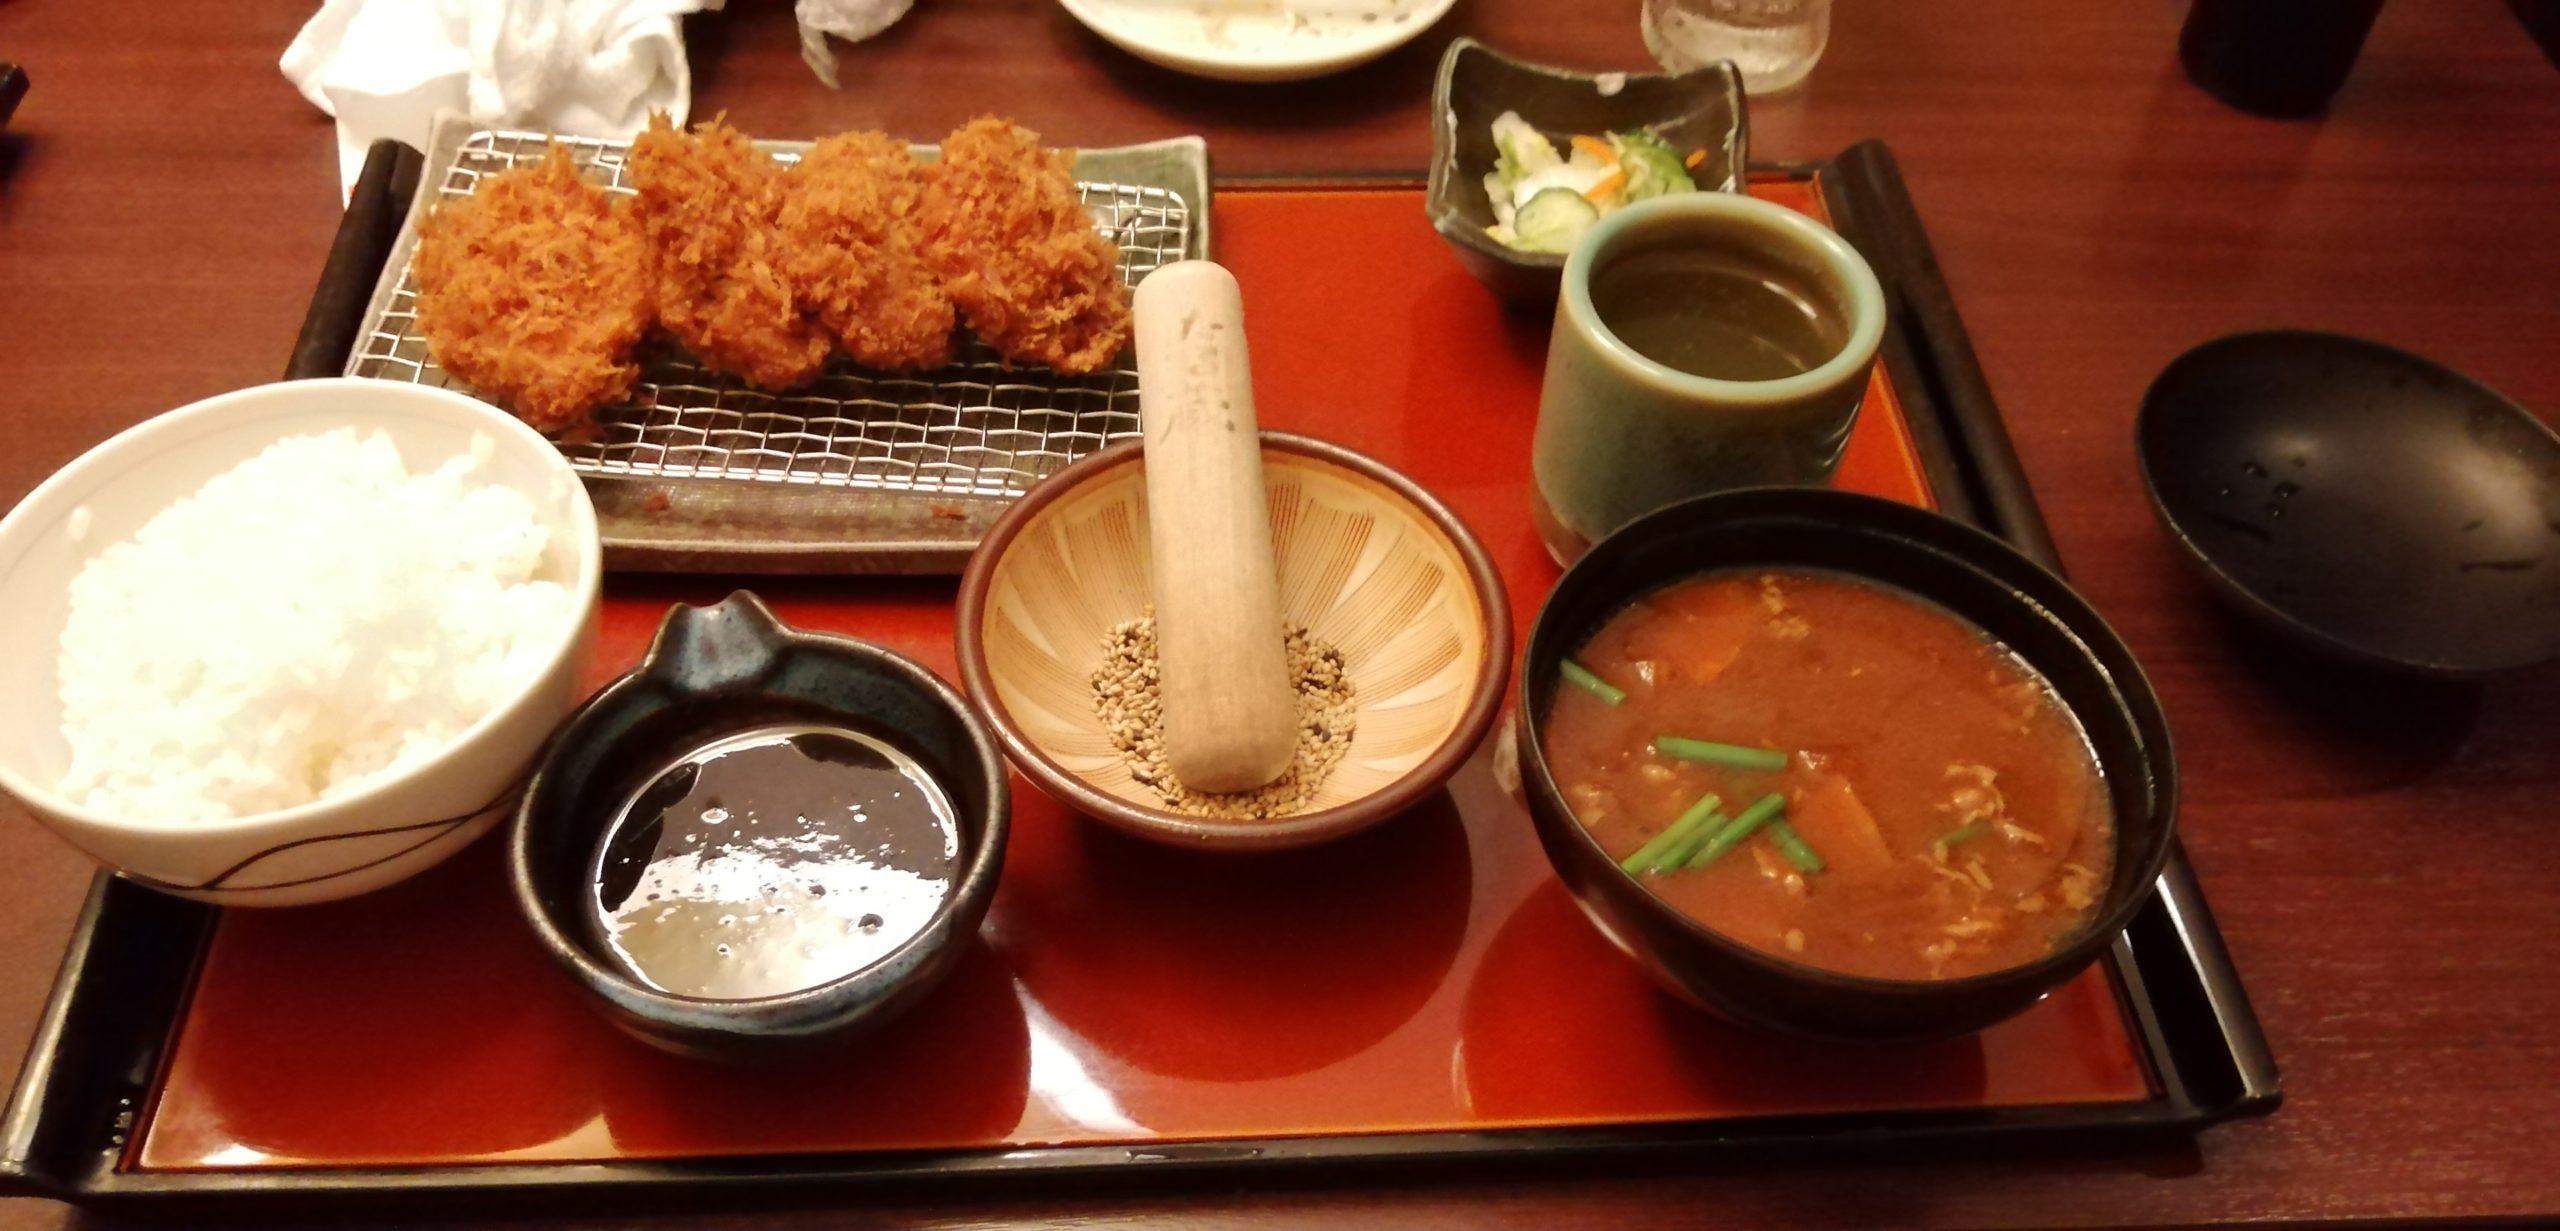 【画像】(´•ω•`)今日は贅沢なご飯食べたよ